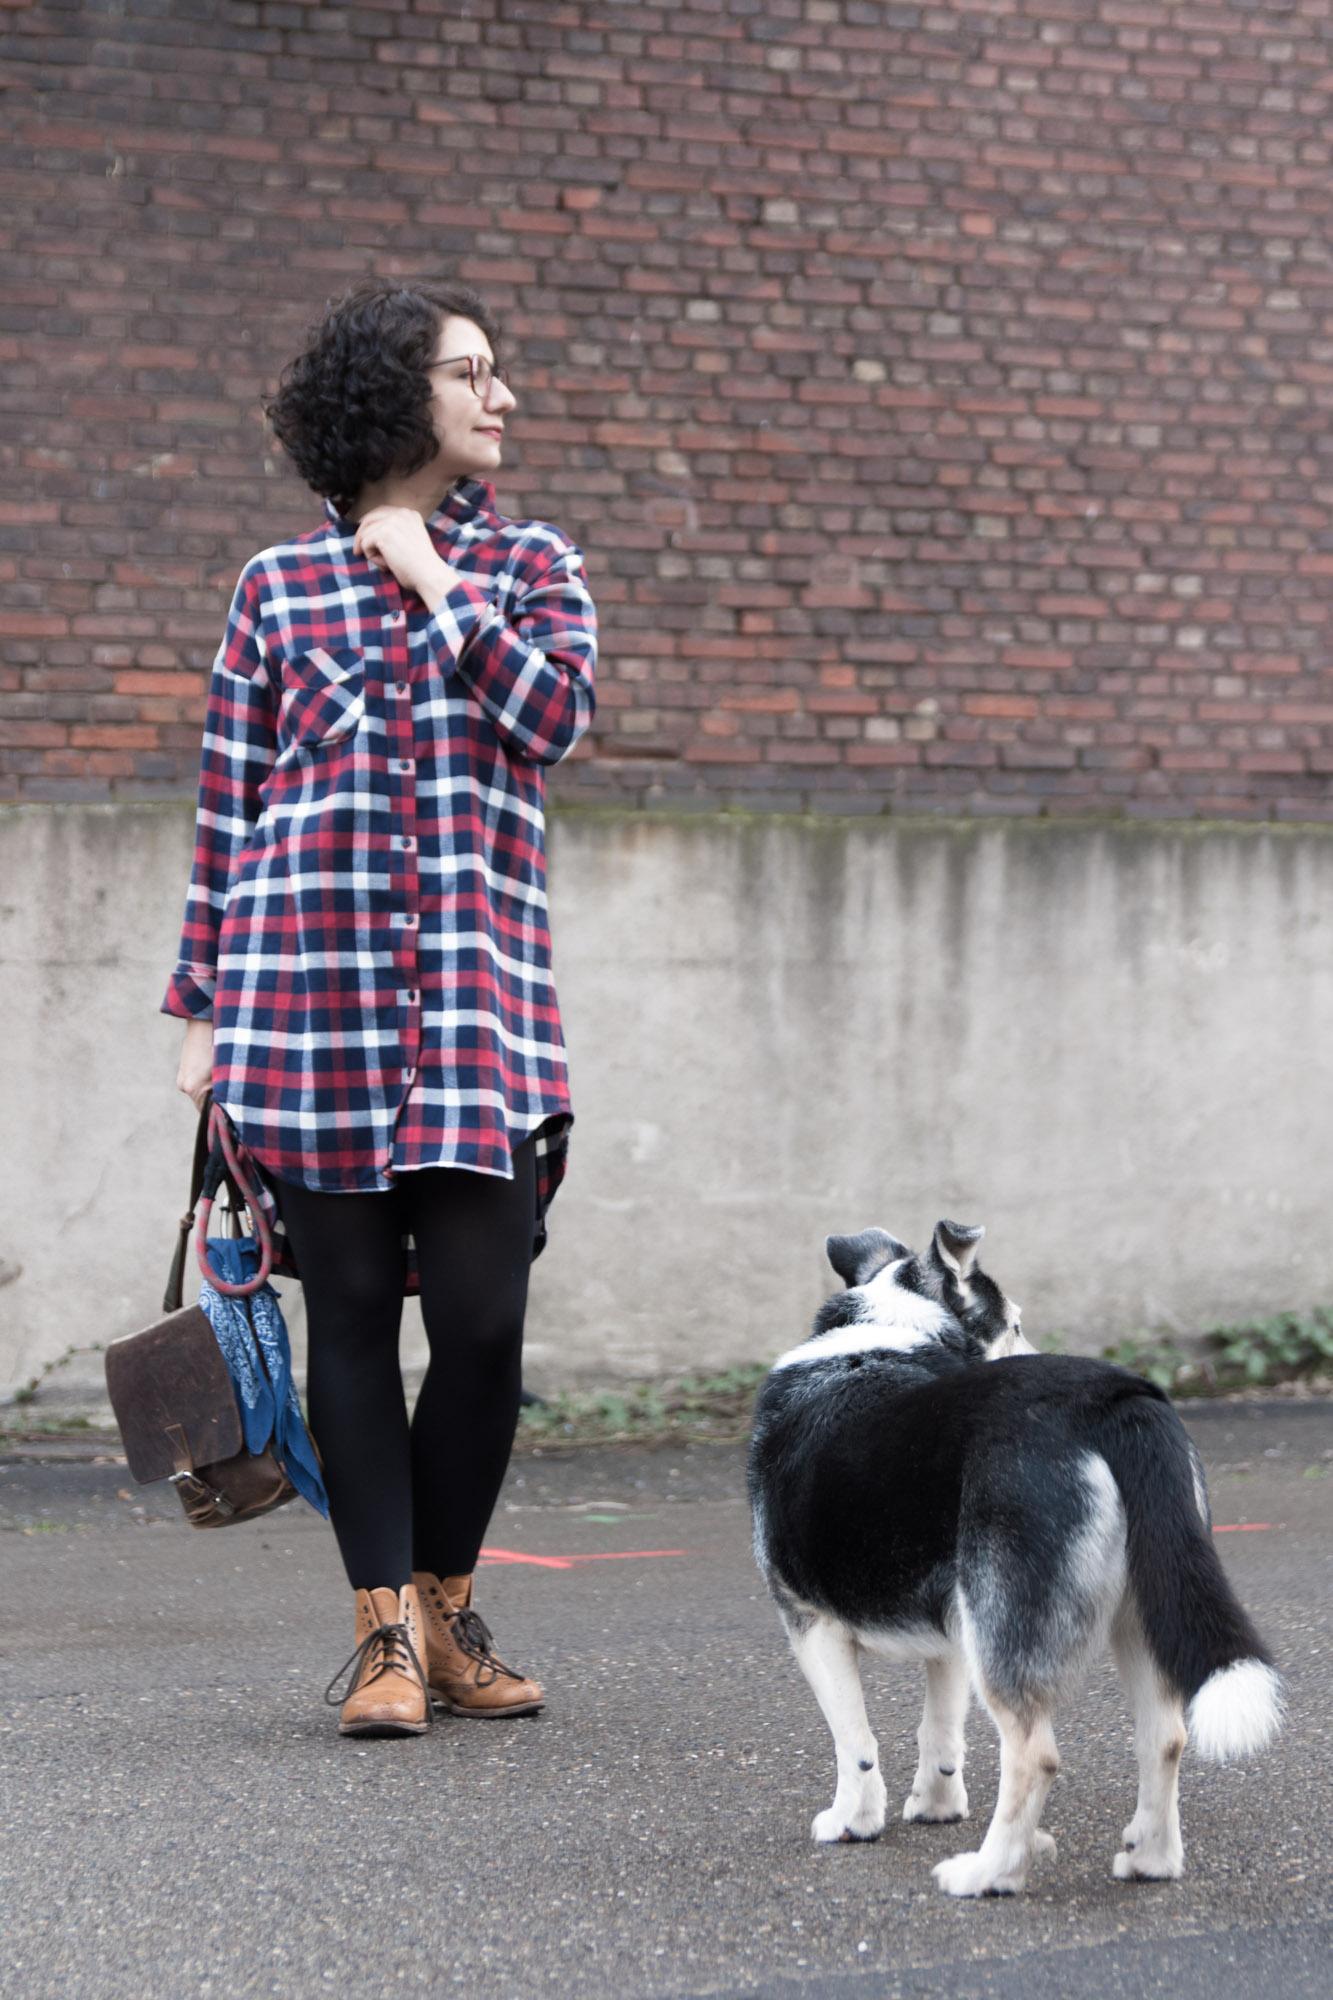 Schnittmuster für Blusenkleid nähen - DIY Blusenkleid aus Flanell - Closet Case Patterns - Kalle Shirtdress - Tweed & Greet